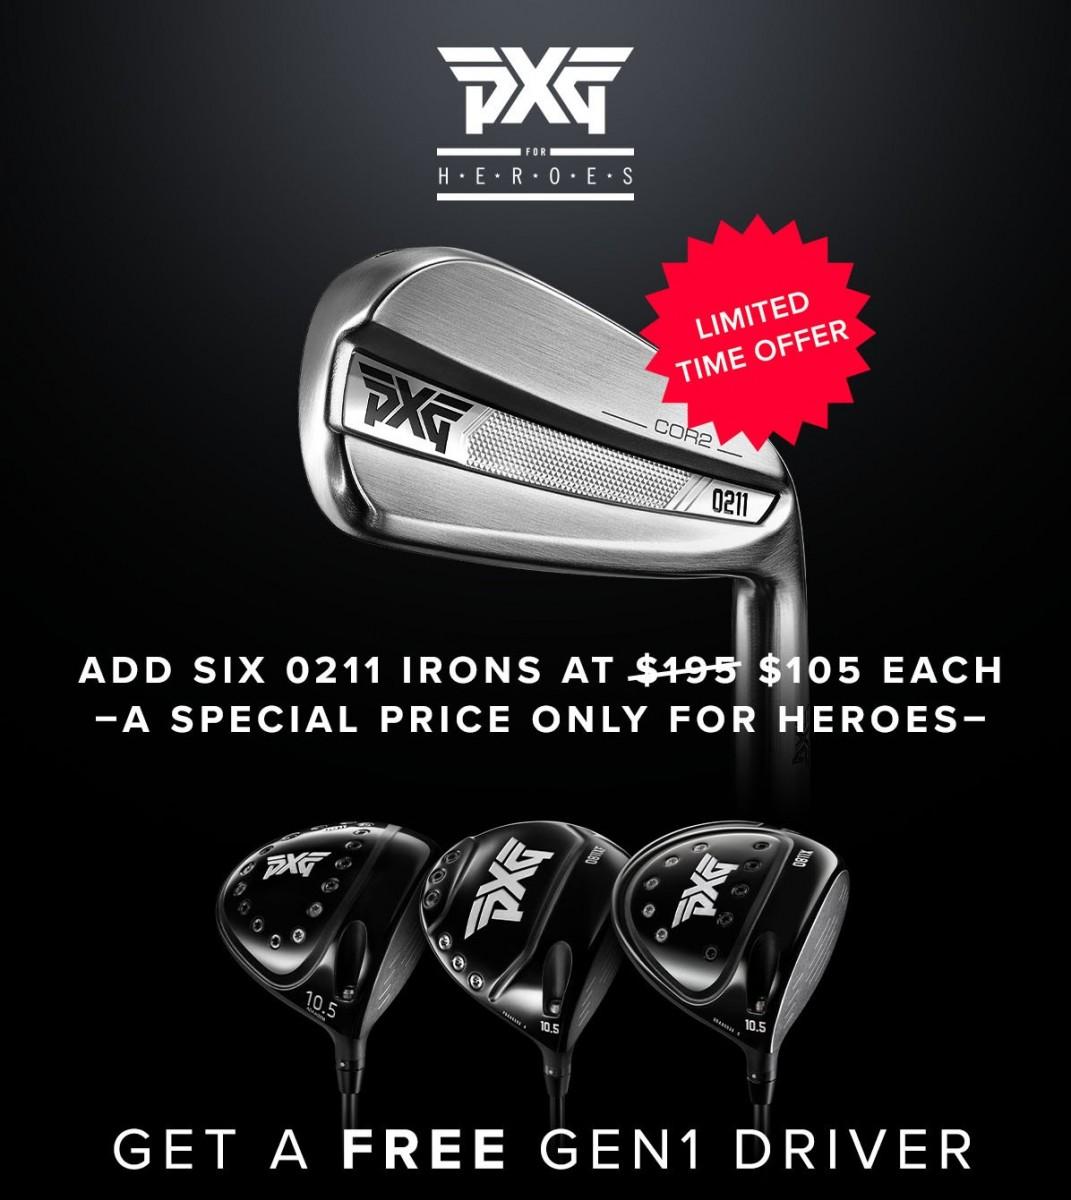 PXG_deal.jpg